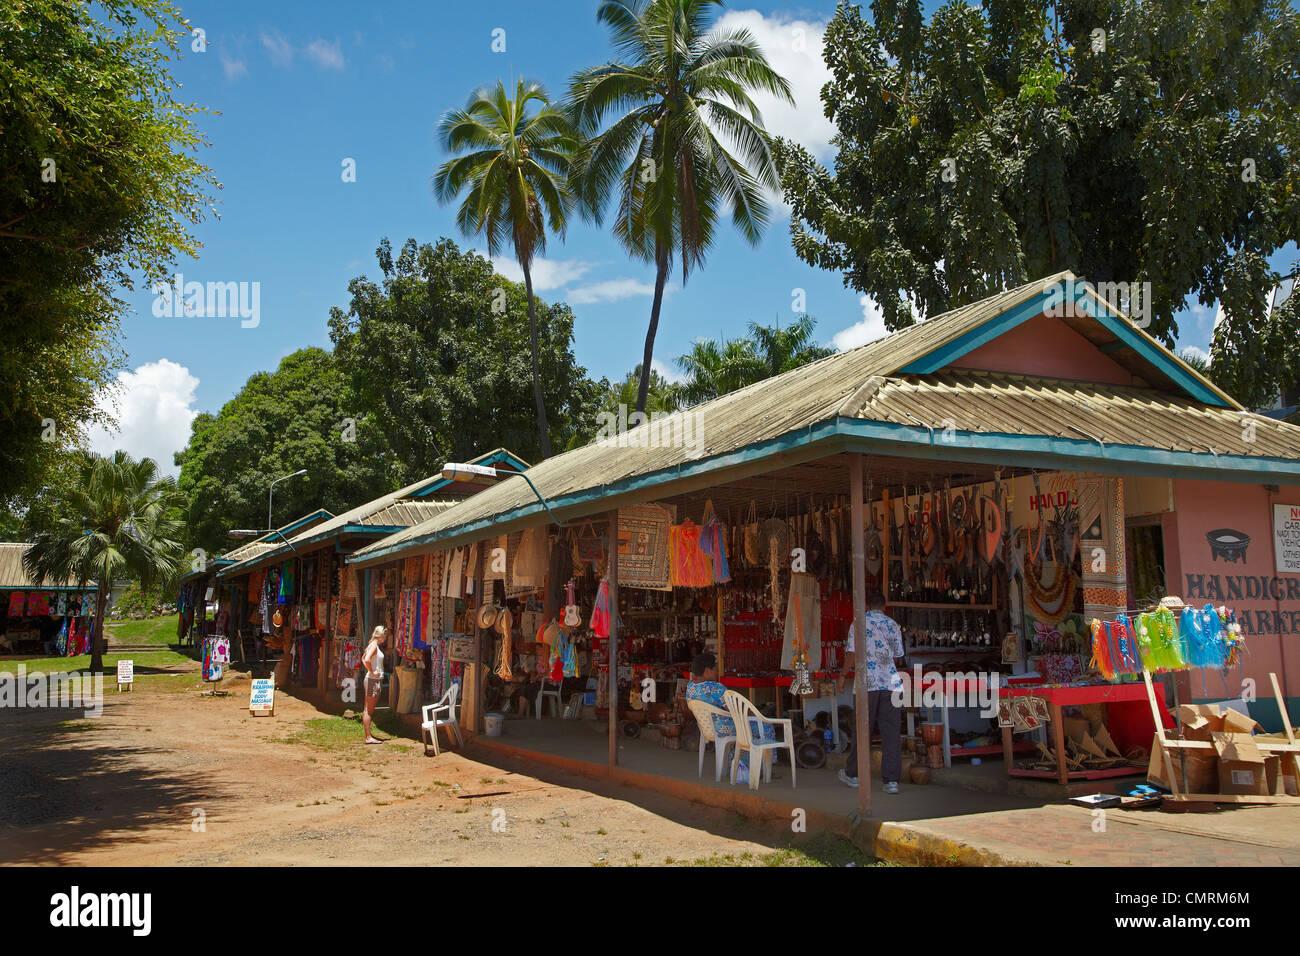 Nadi Handicraft Market, Nadi, Viti Levu, Fiji, South Pacific - Stock Image